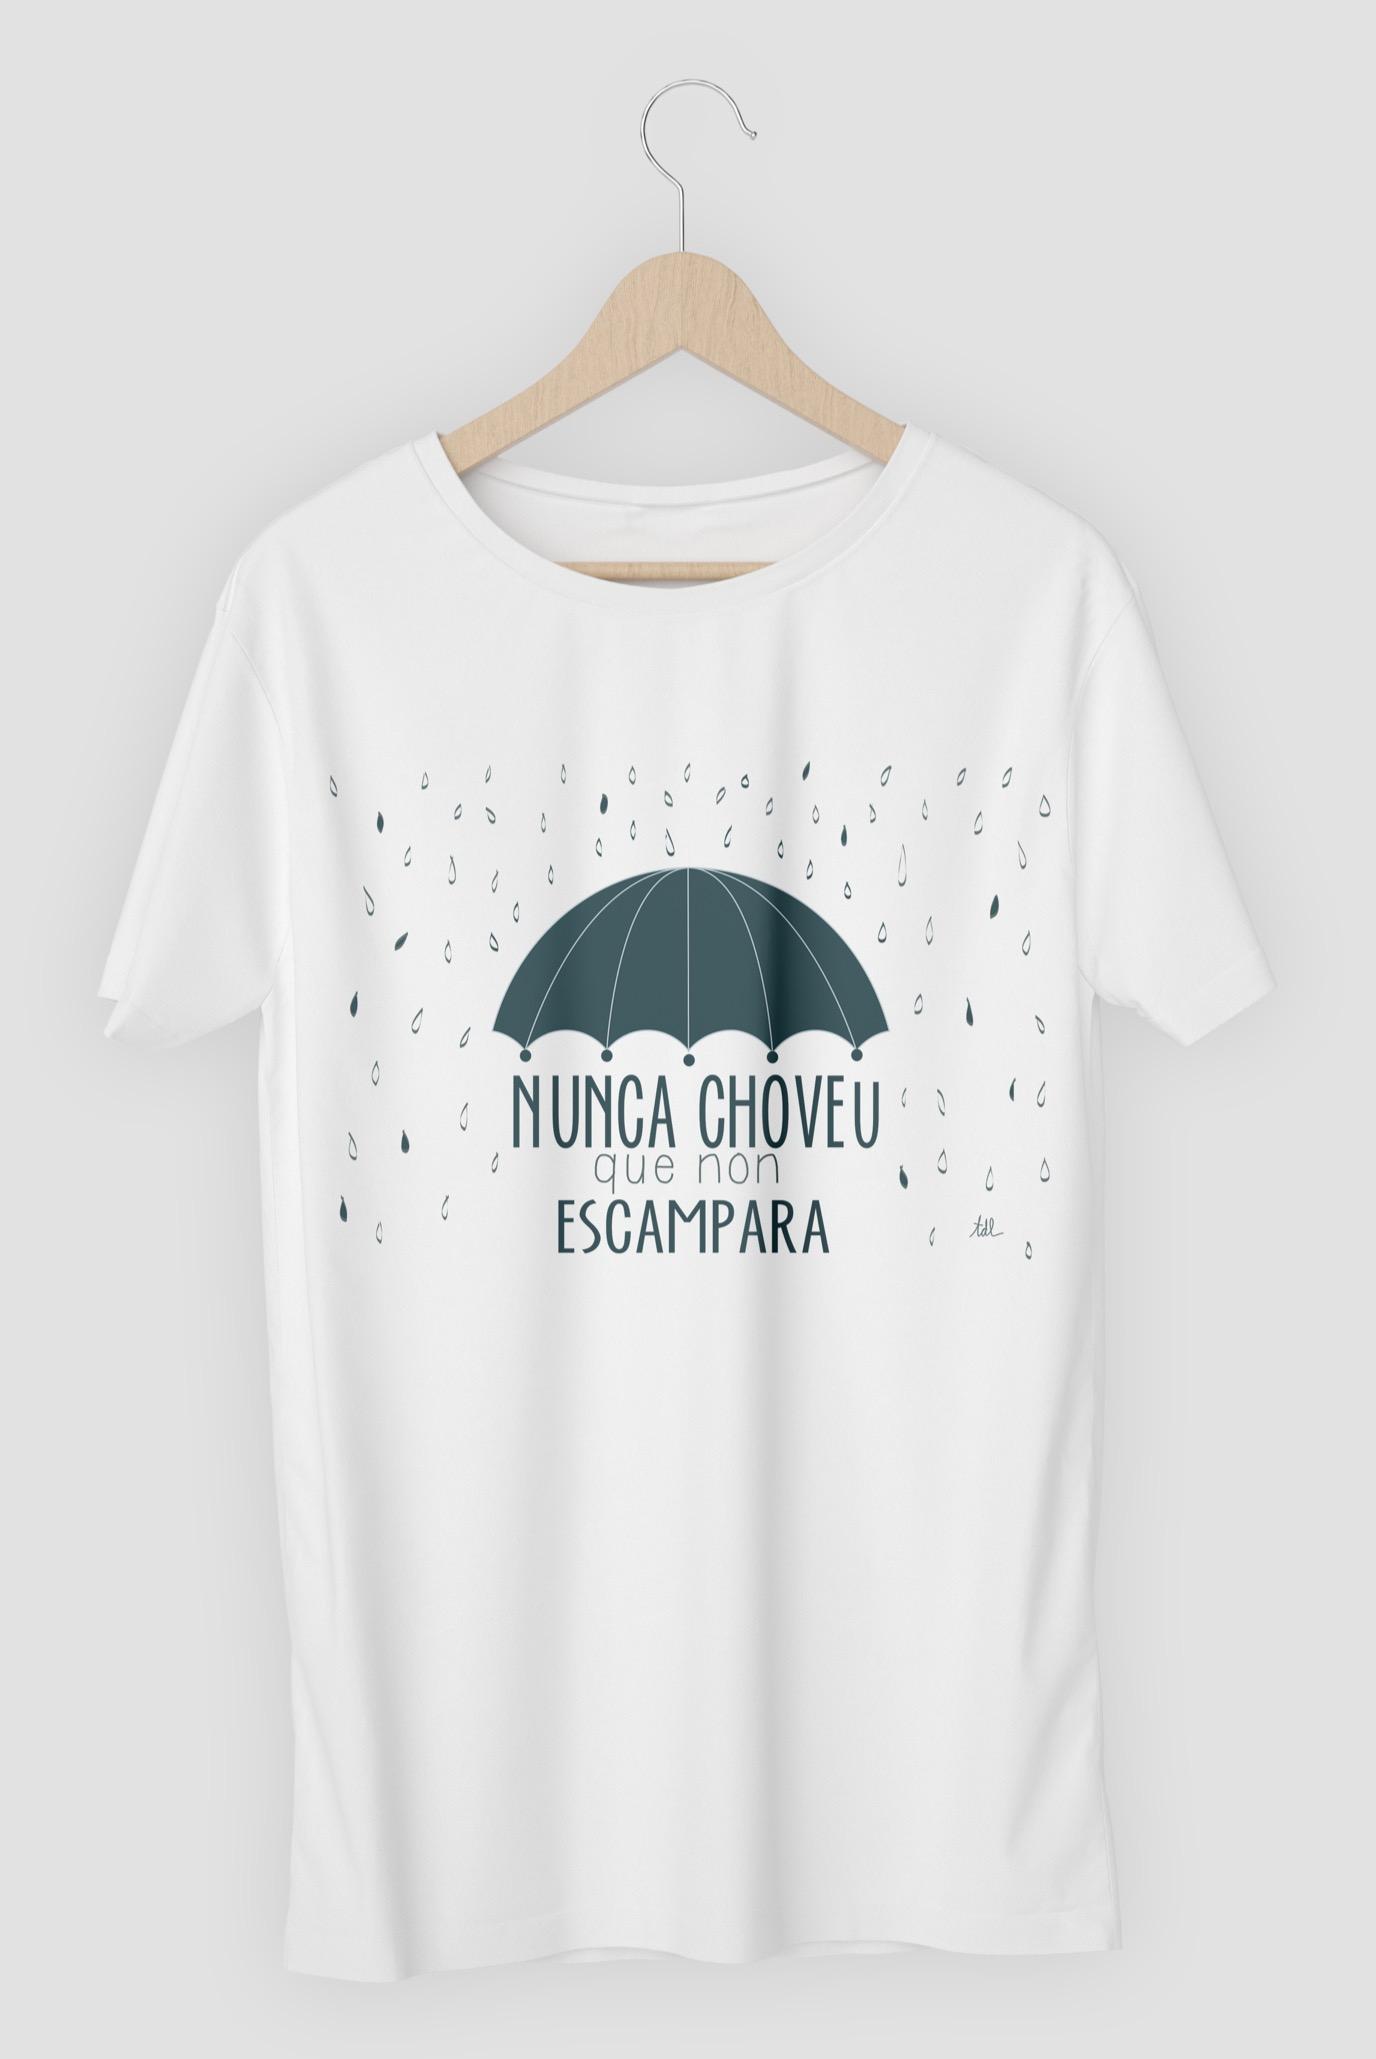 escampara_edited